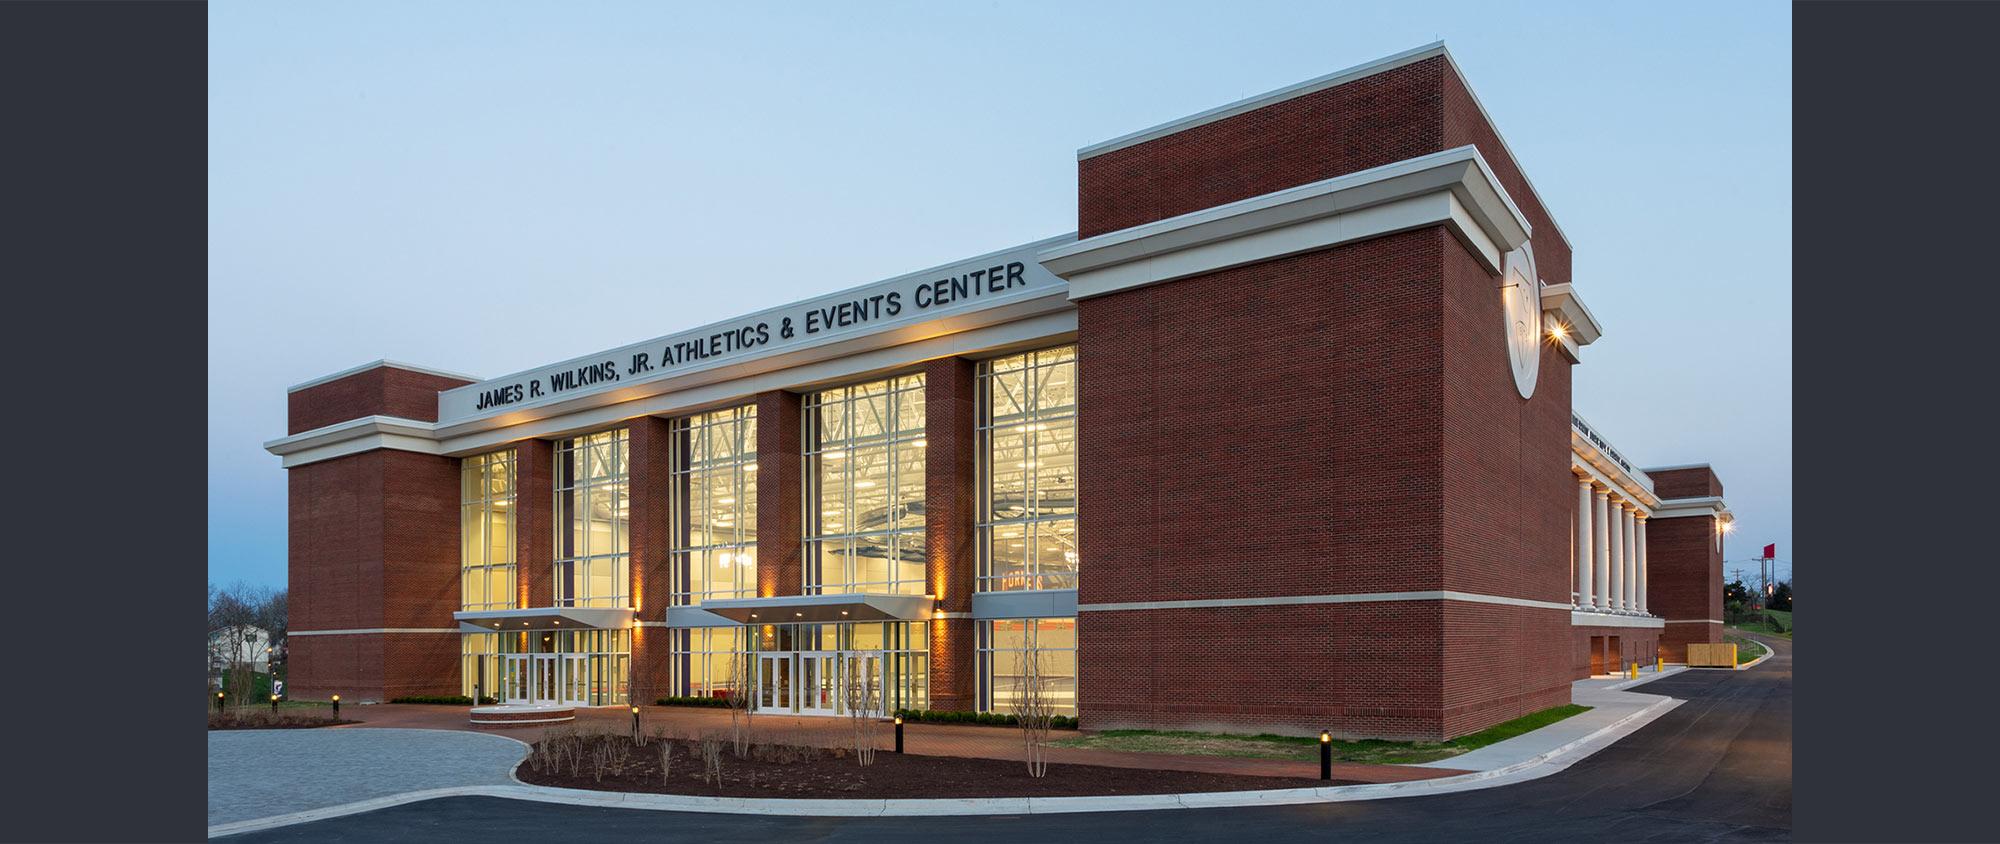 Shenandoah University James R. Wilkins, Jr. Athletics and Events Center